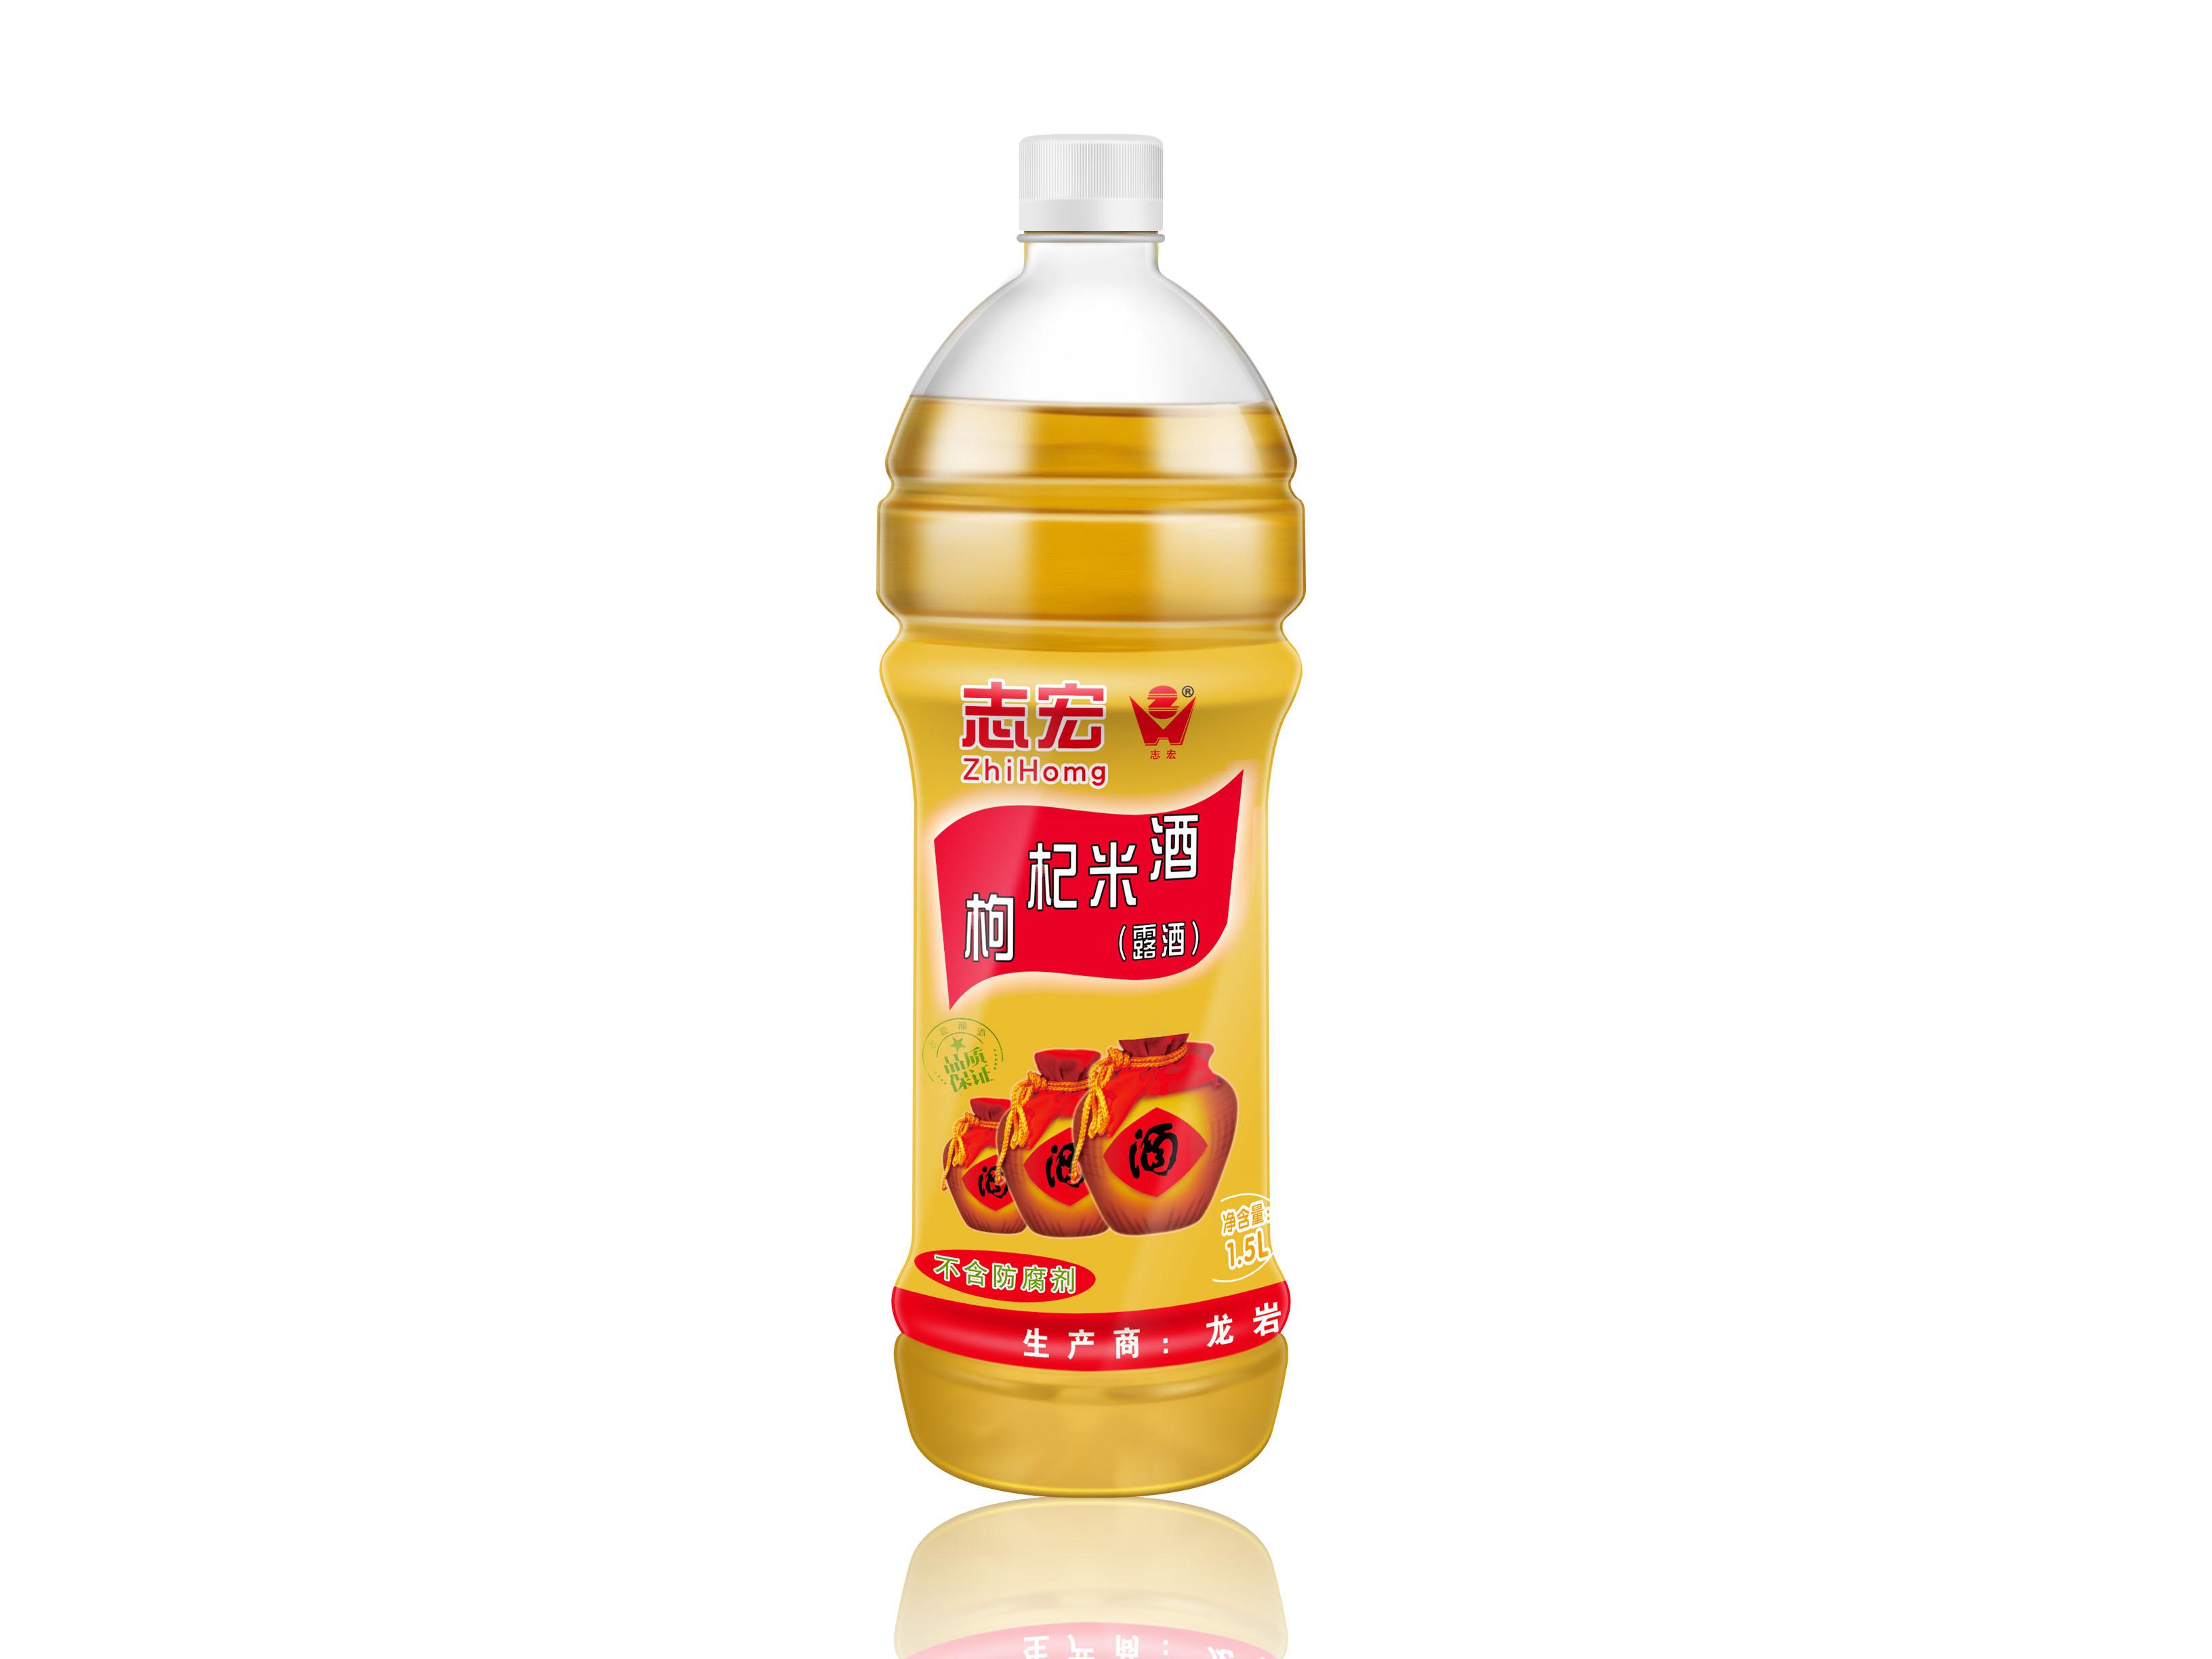 志宏枸杞米酒1.5